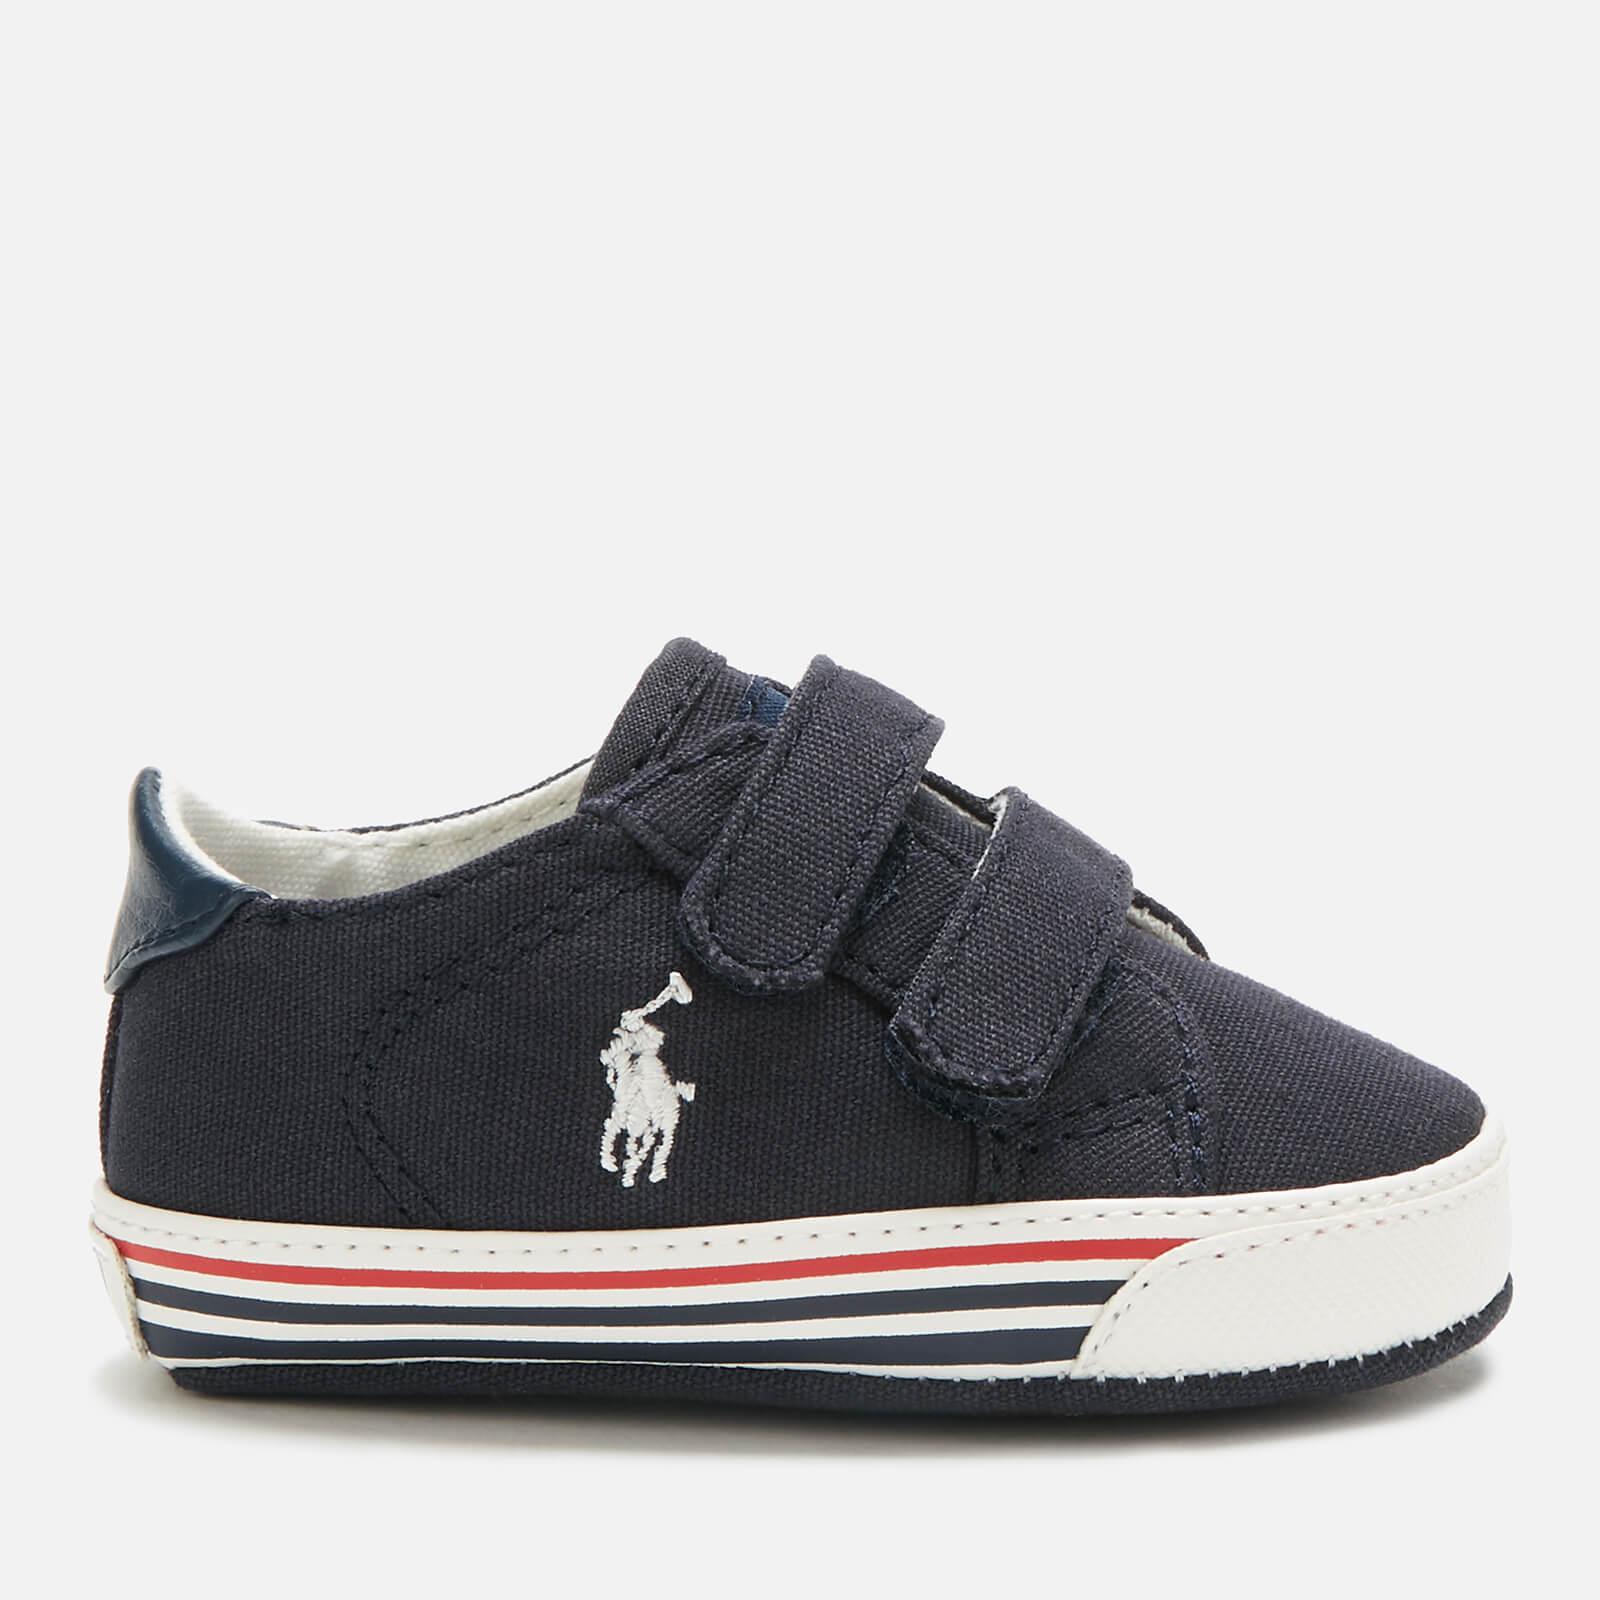 Ralph Lauren Polo Ralph Lauren Babies' Edgewood Ez Canvas Velcro Trainers - Navy/White PP - UK 1.5 Baby/EU 17 - Blue